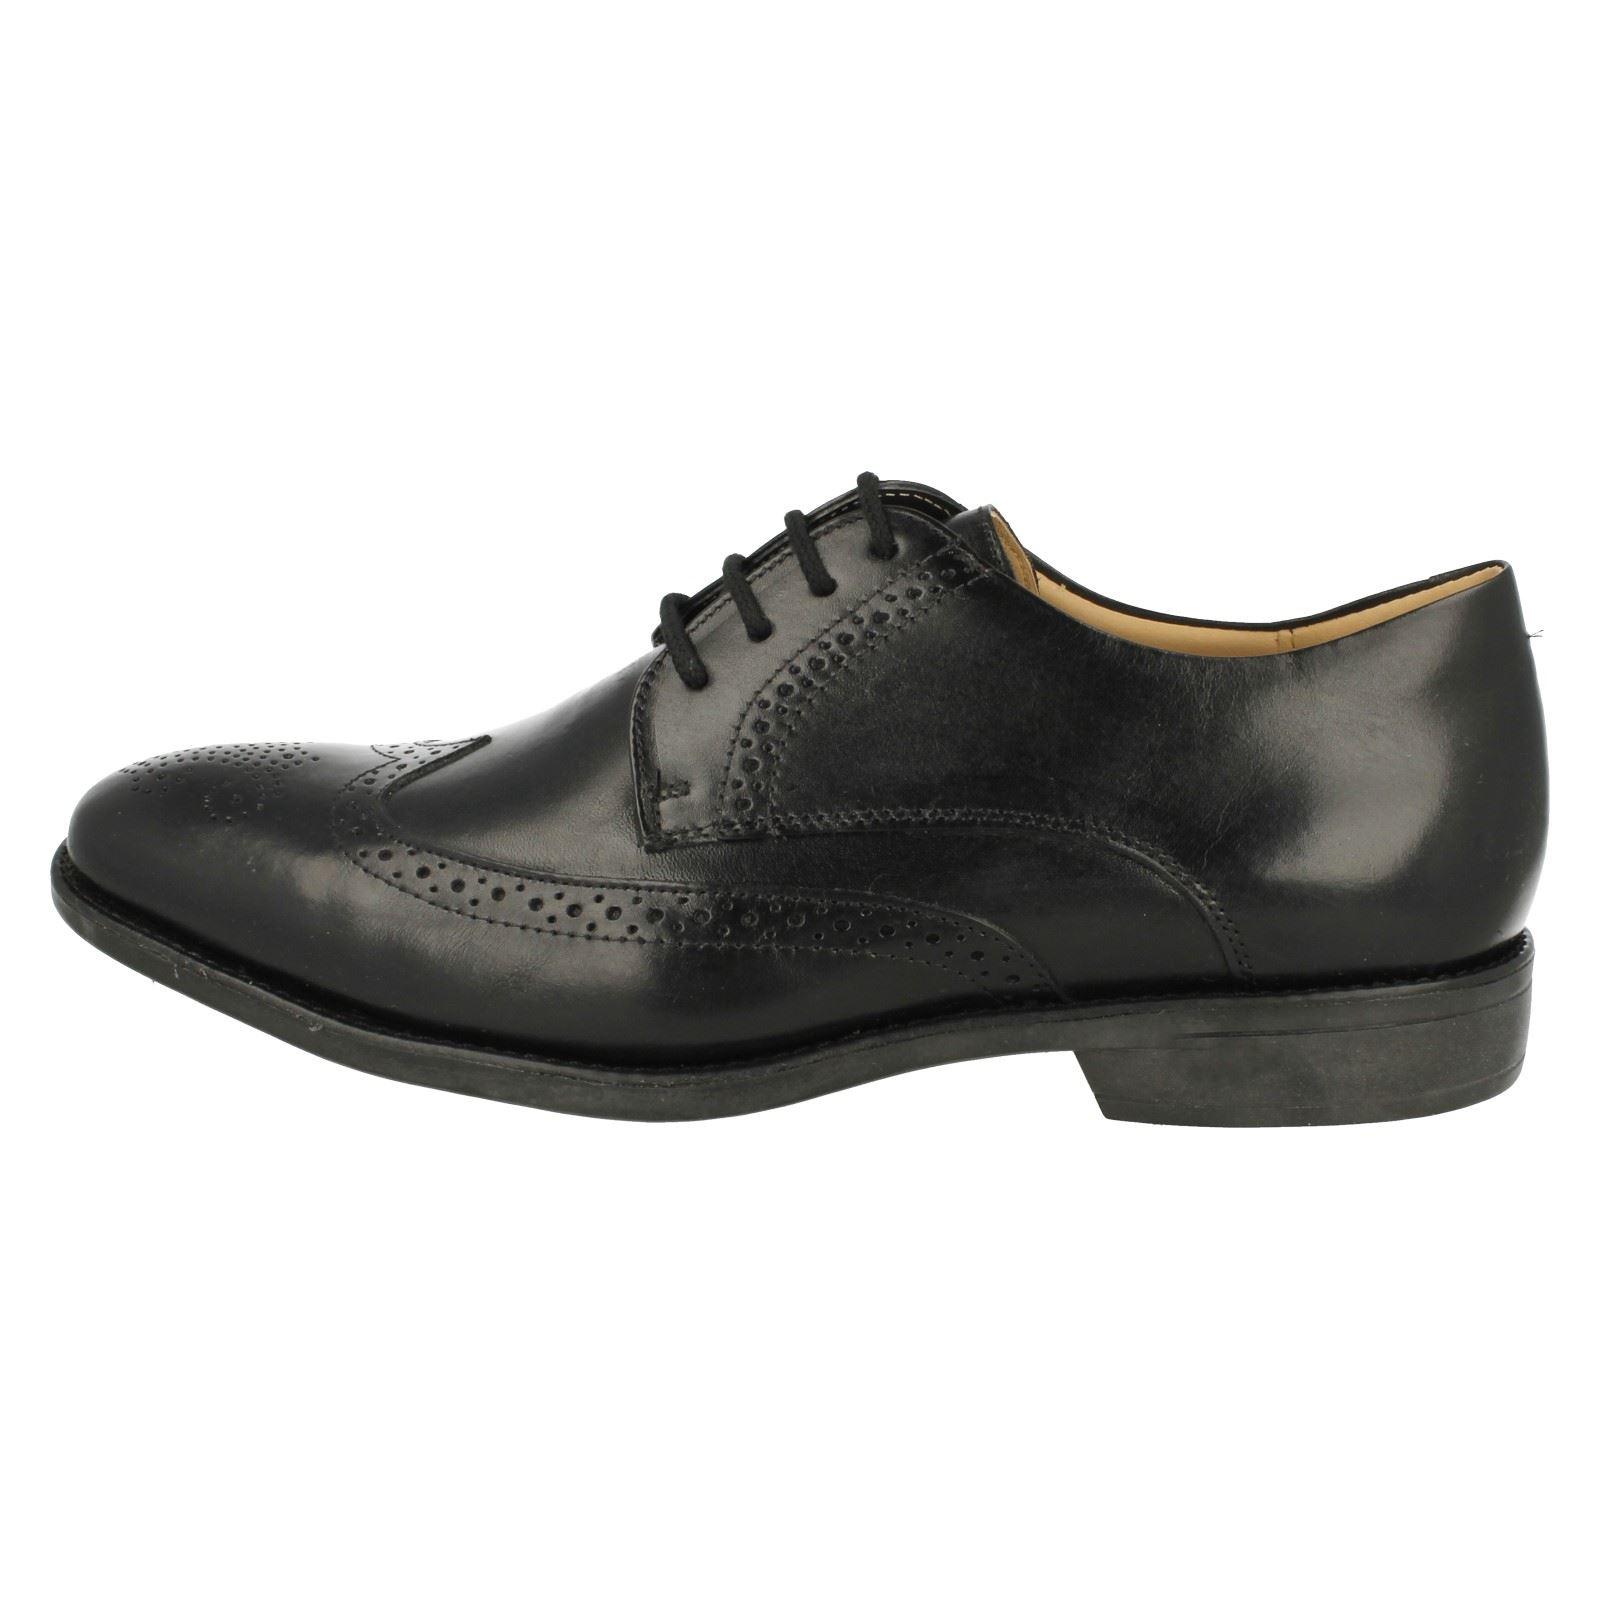 Homme / femme Homme Anatomic Richelieu à Chaussures Mococa Mode variété moderne et élégante une variété Mode de Bon choix 995b70